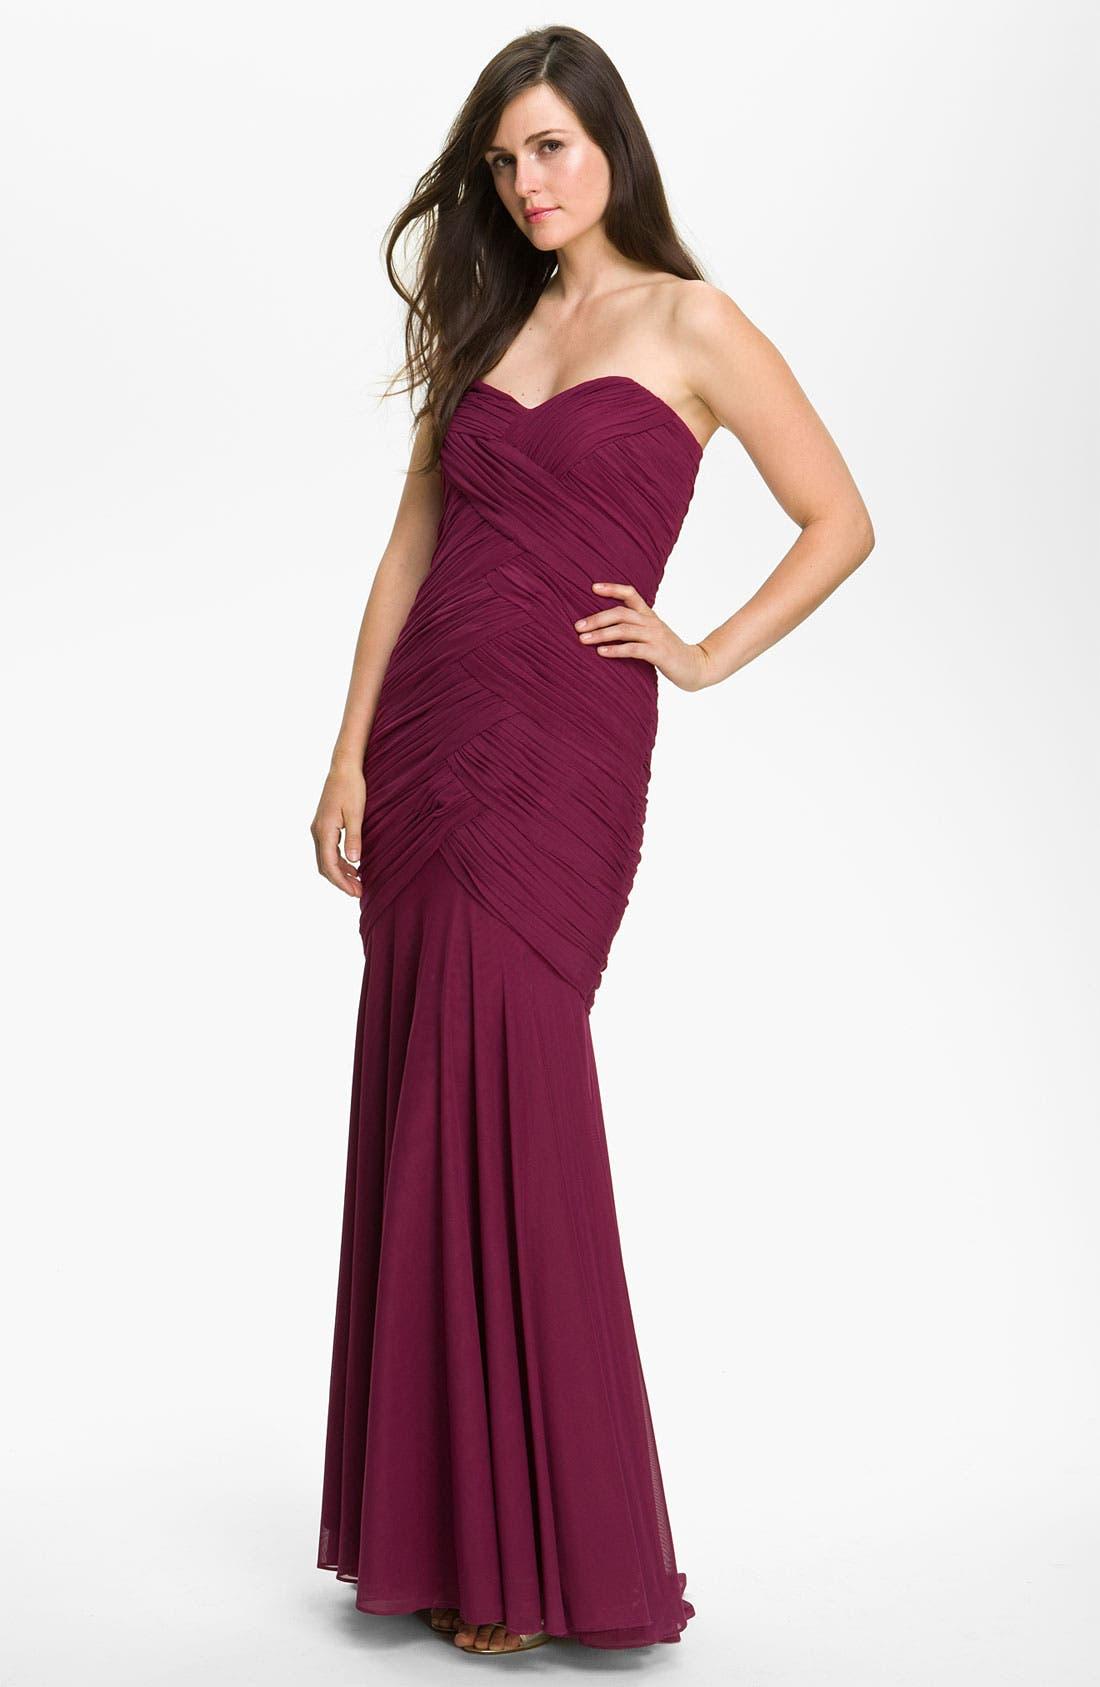 Main Image - Veni Infantino Weave Detail Mesh Fishtail Gown & Bolero